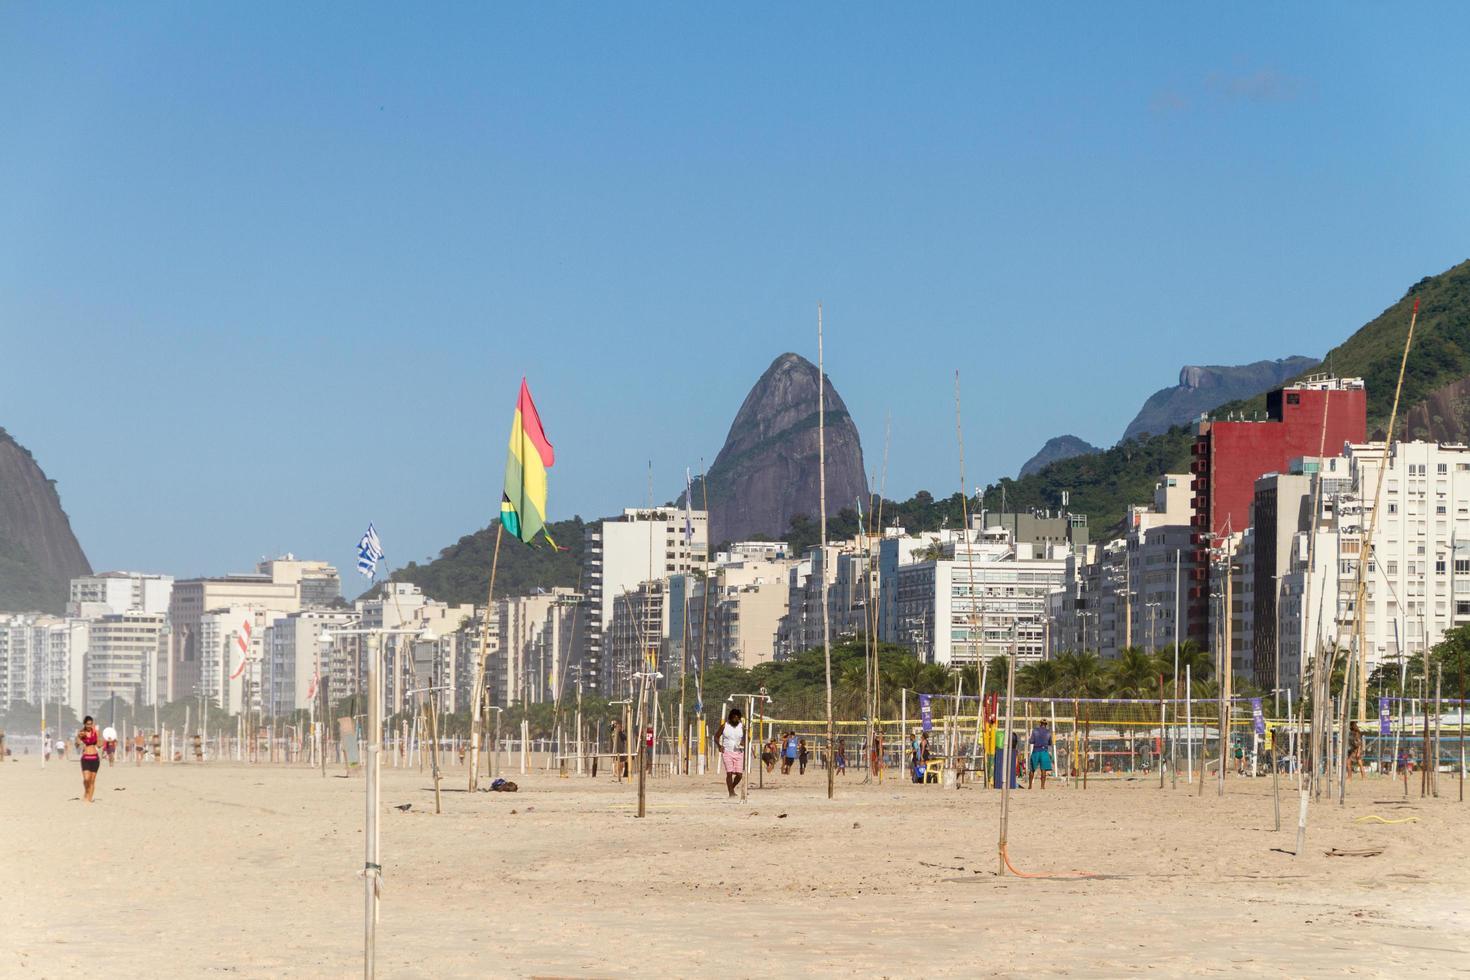 rio de janeiro, brazilië, 2015 - uitzicht op het strand van copacabana foto